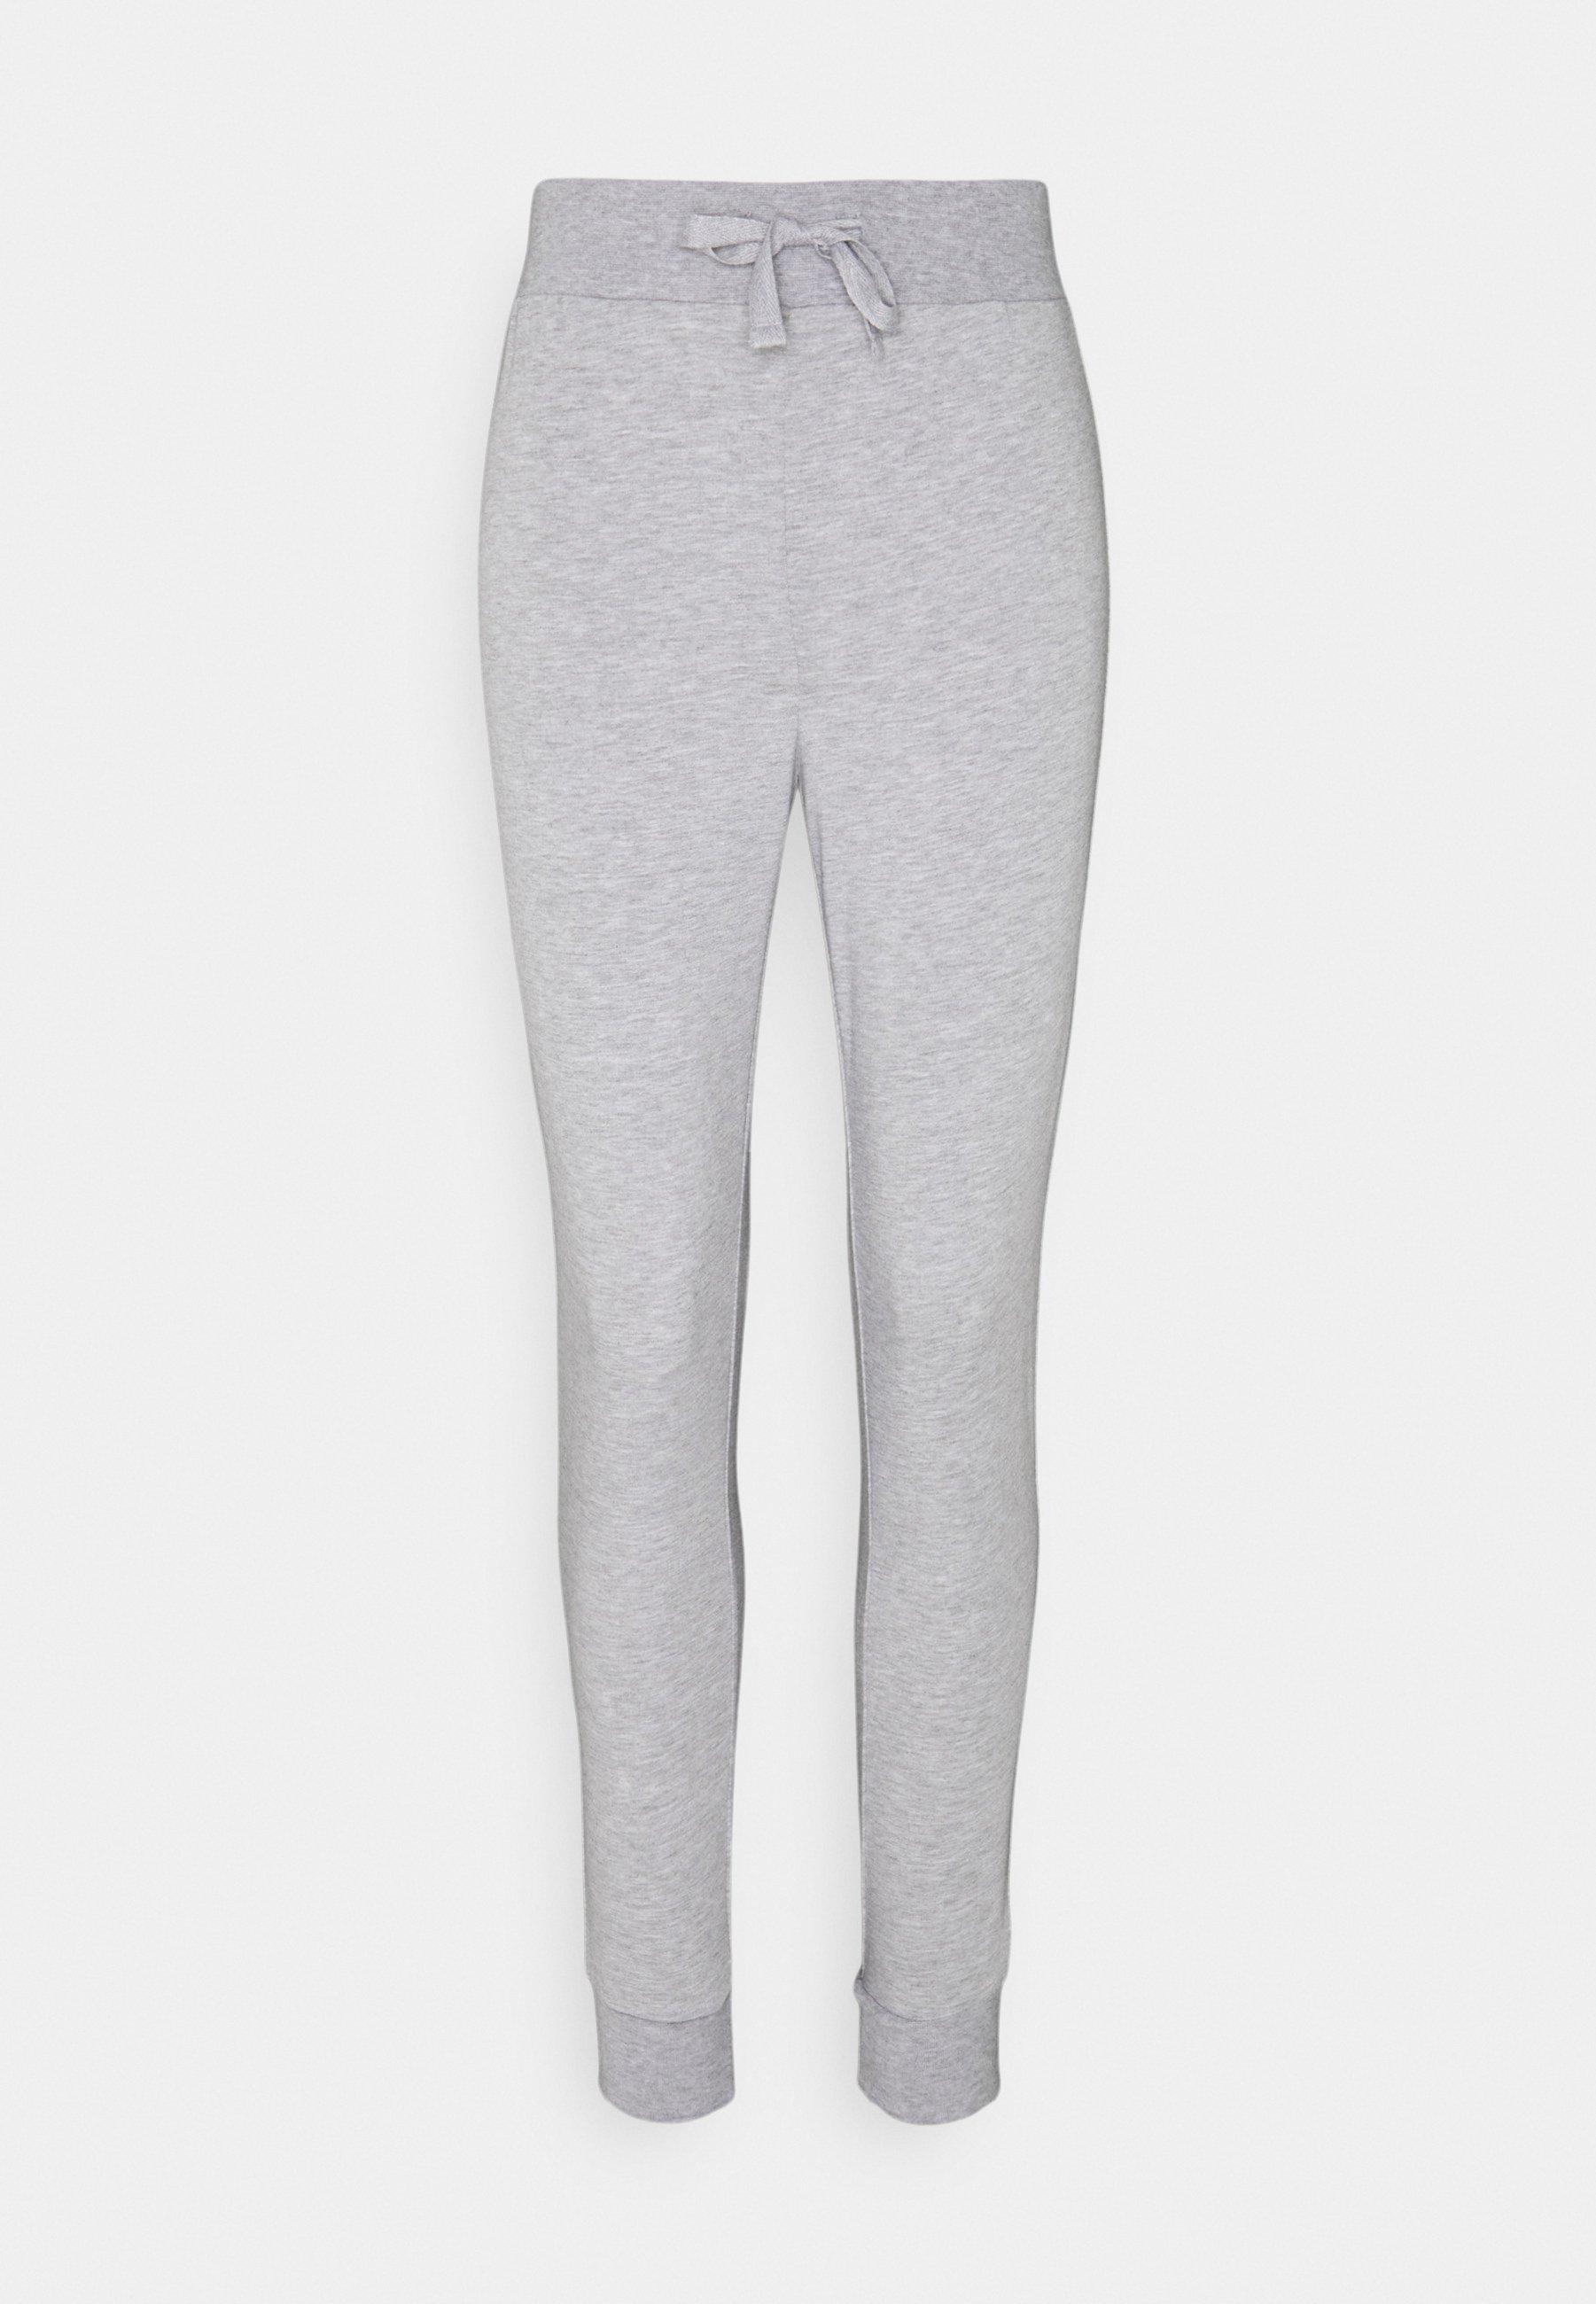 Femme Lightweight slim fit joggers - Pantalon de survêtement